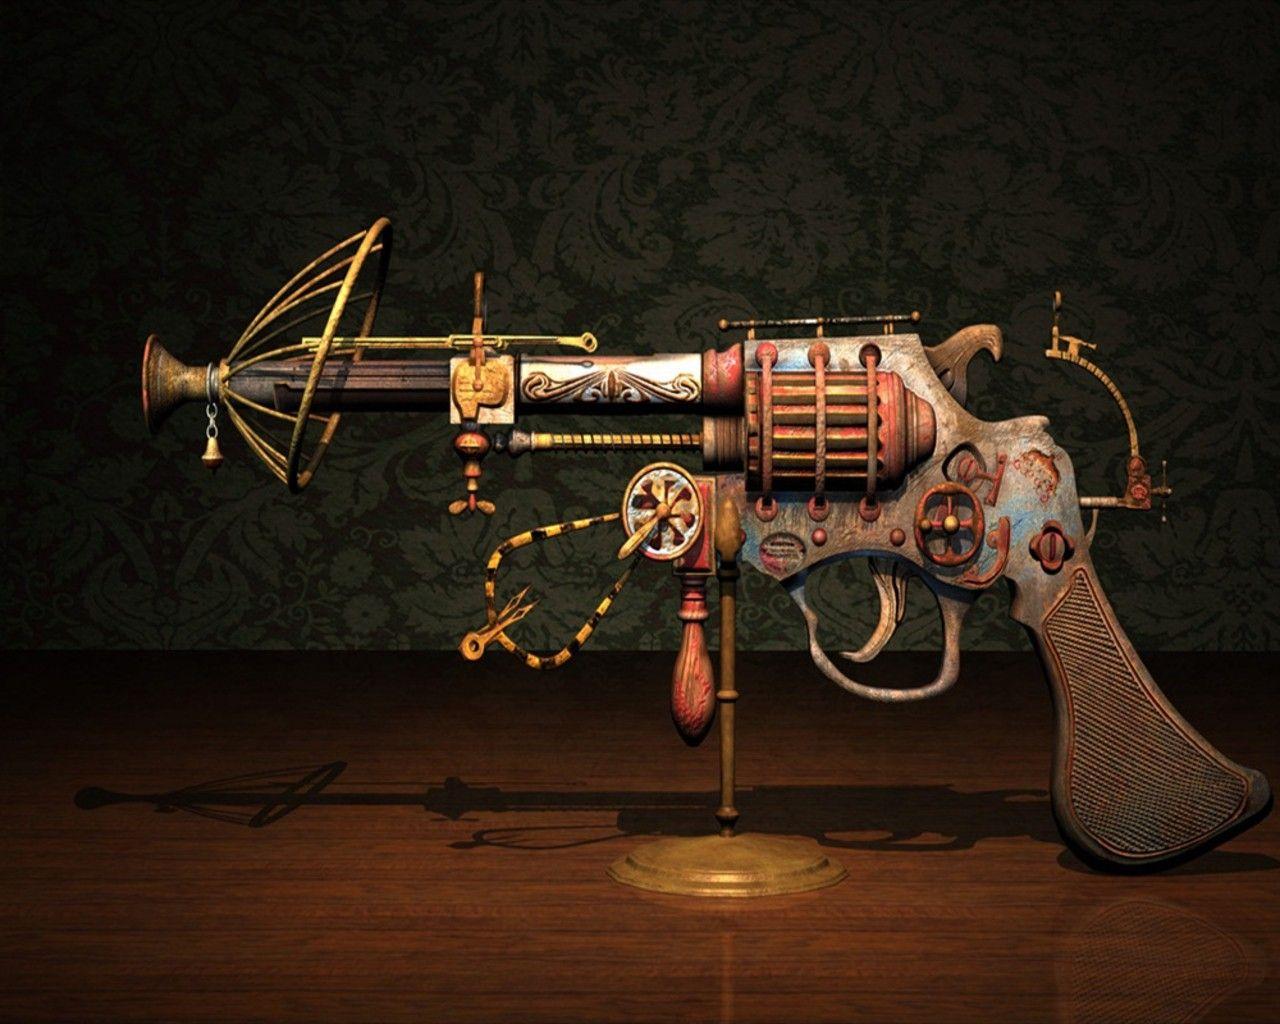 Pistol Steampunk 3D Wallpaper gun revolver pistol